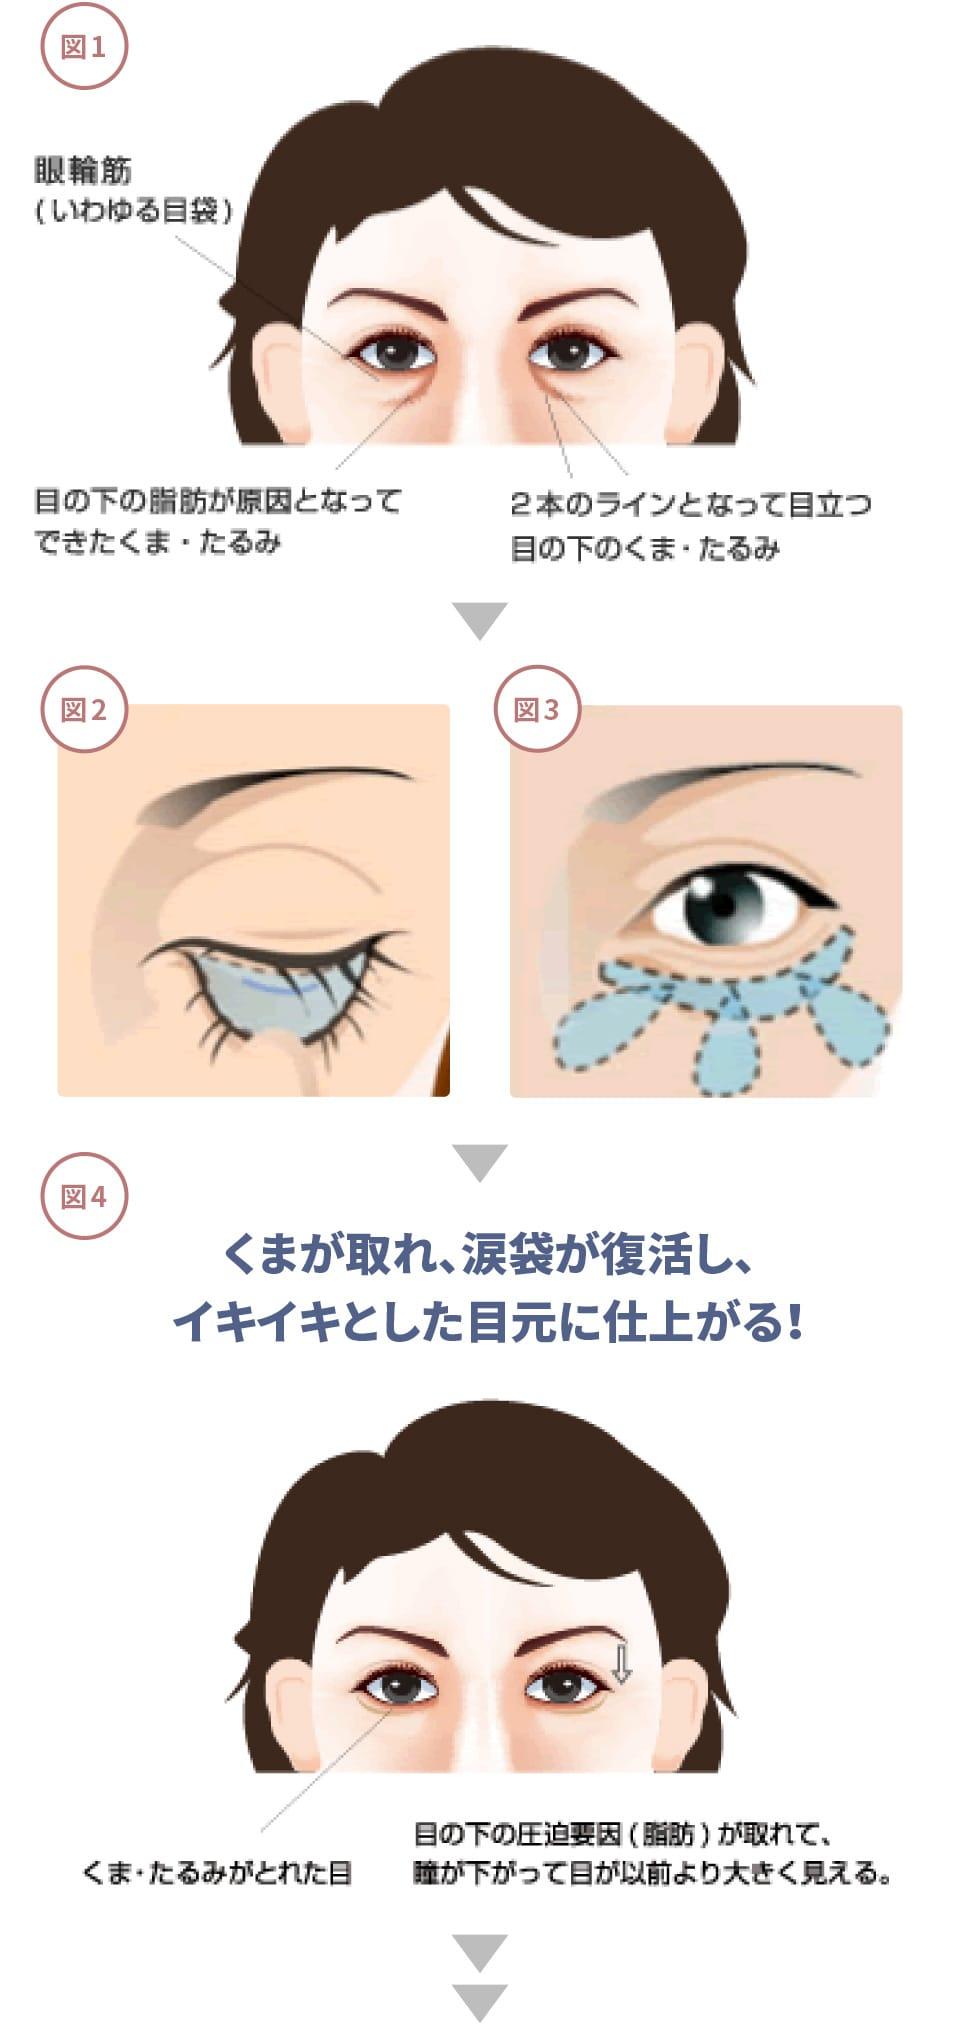 腫れ 片目 袋 痛い 涙